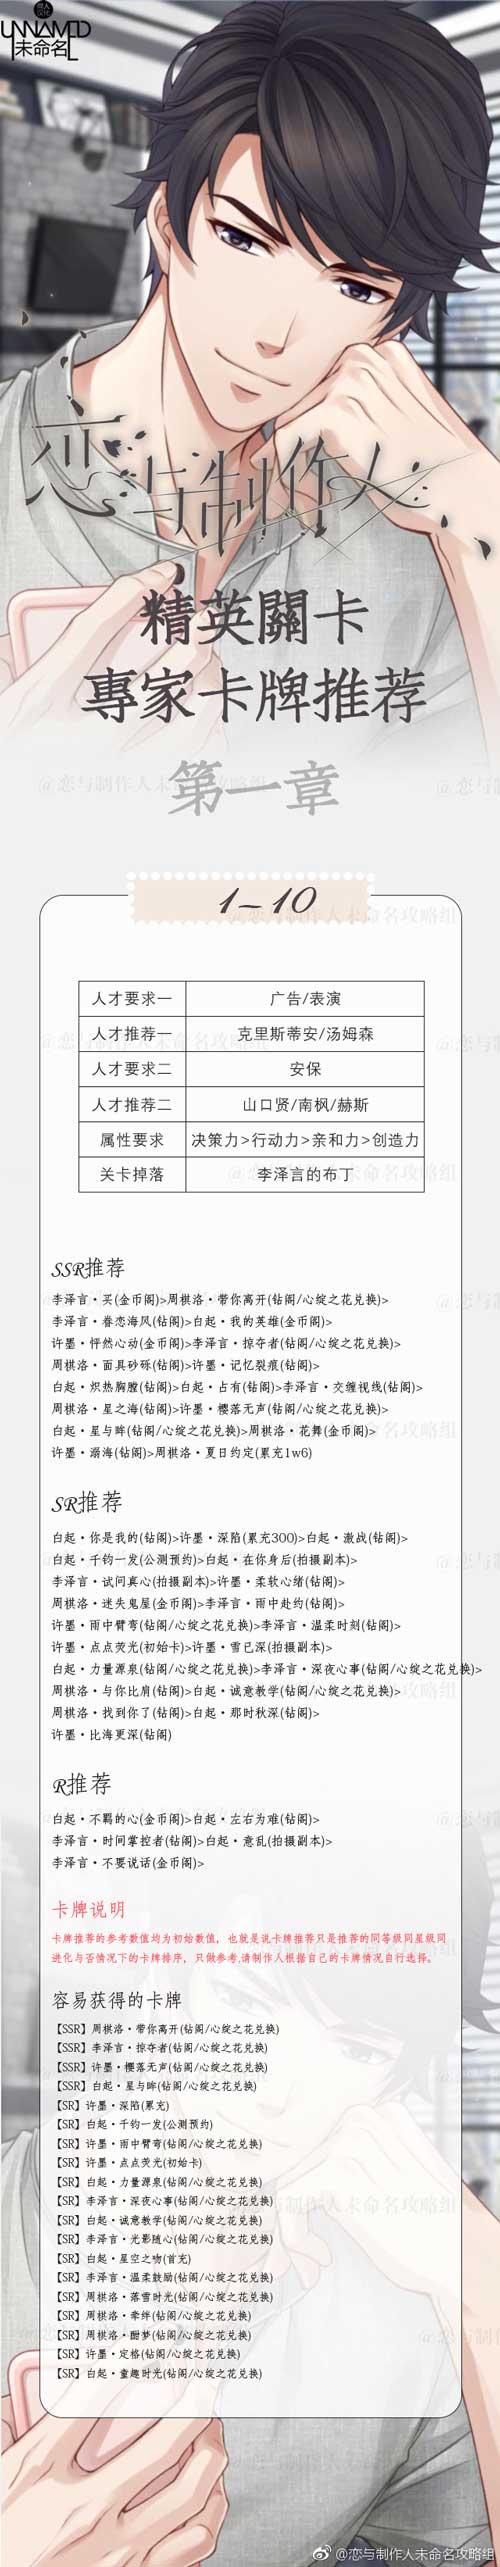 恋与制作人精英1-10关怎么过